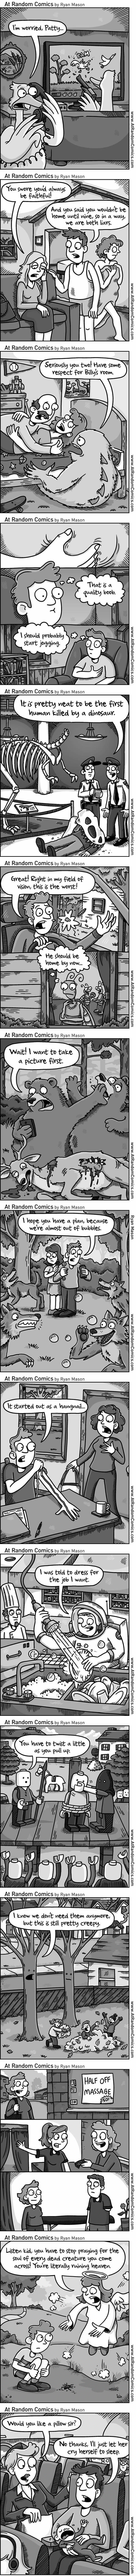 Random comics with unexpected twists